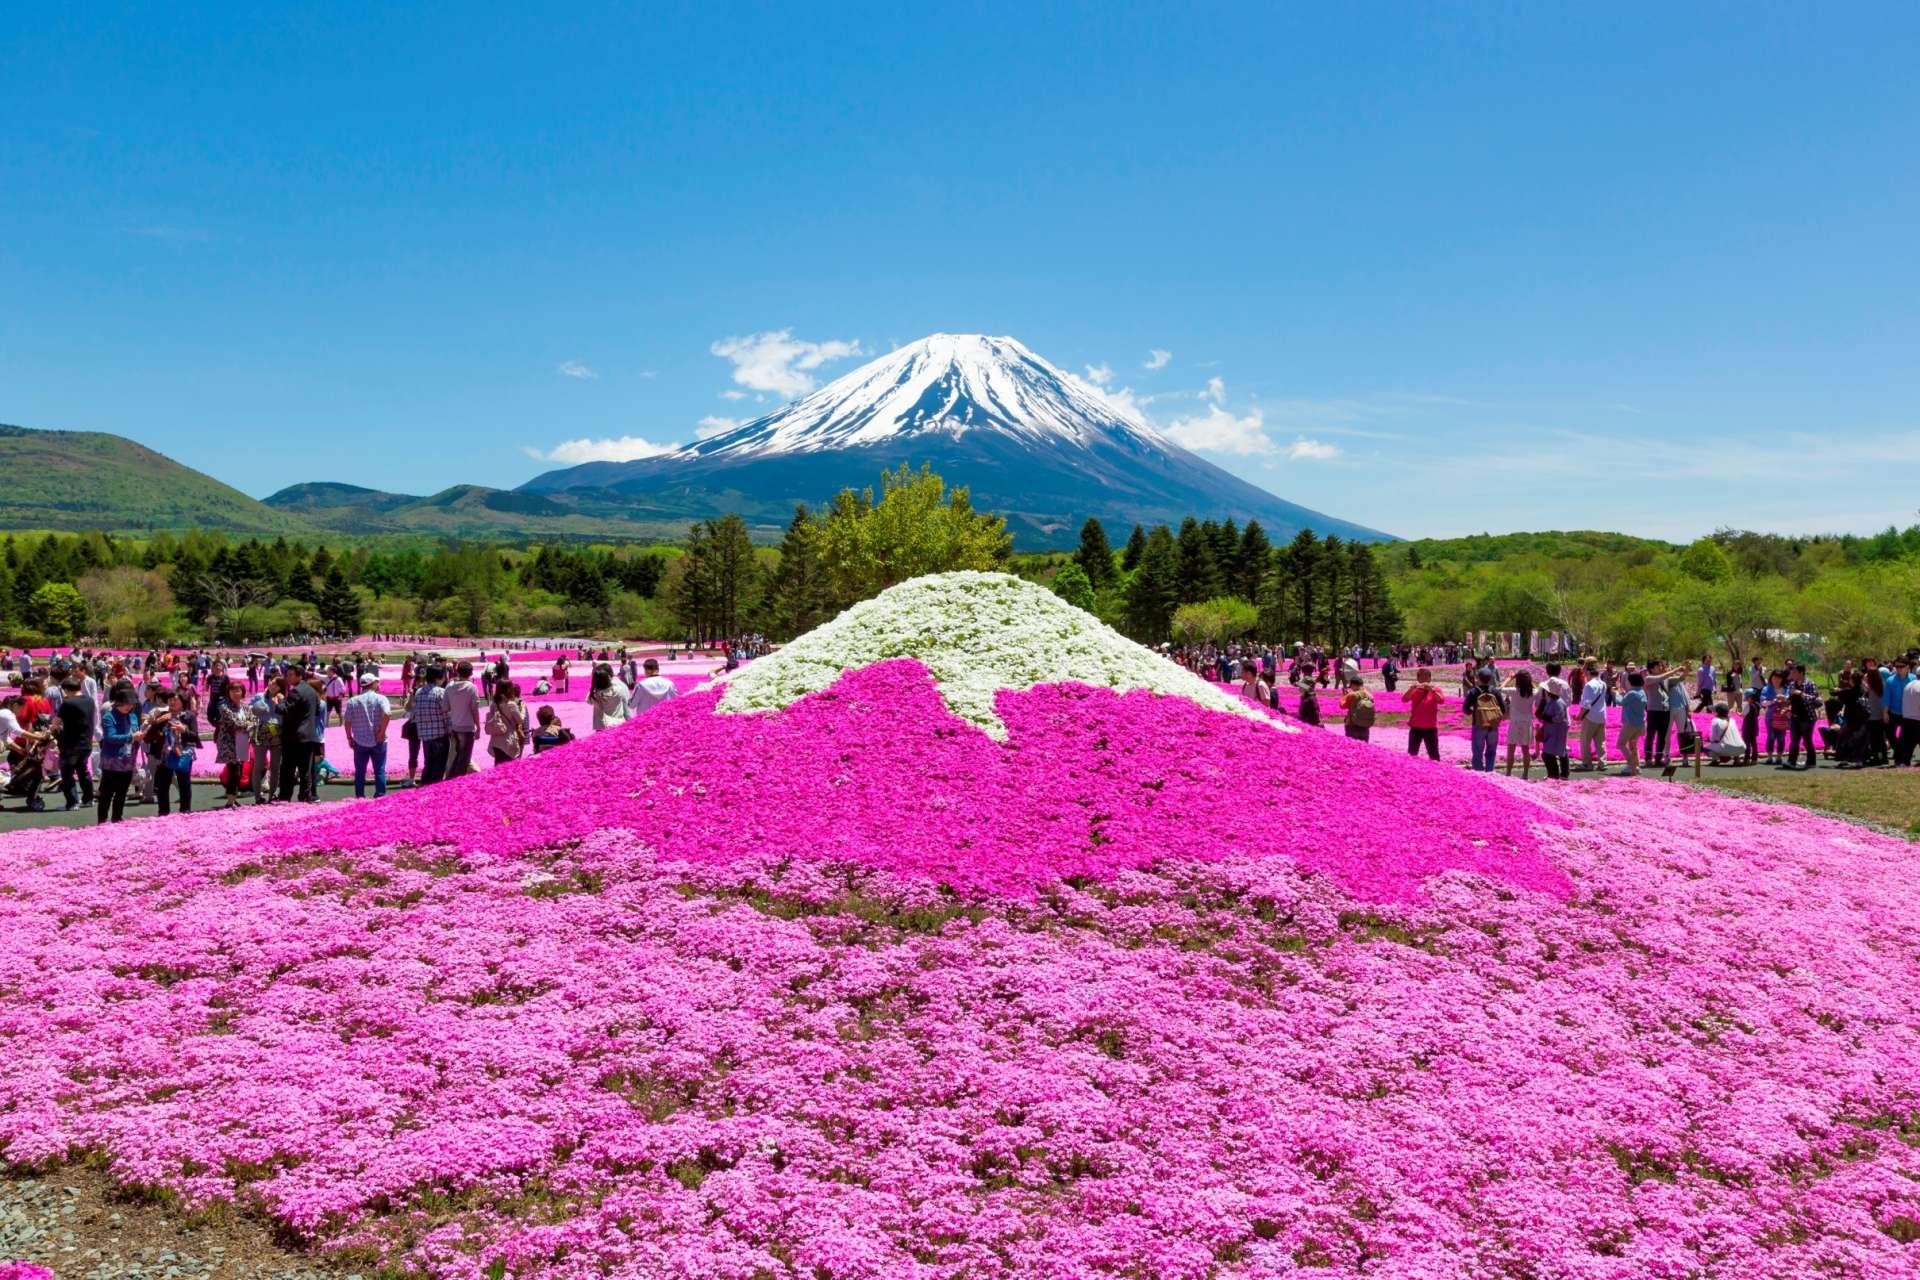 也有仿造富士山模樣的小山丘